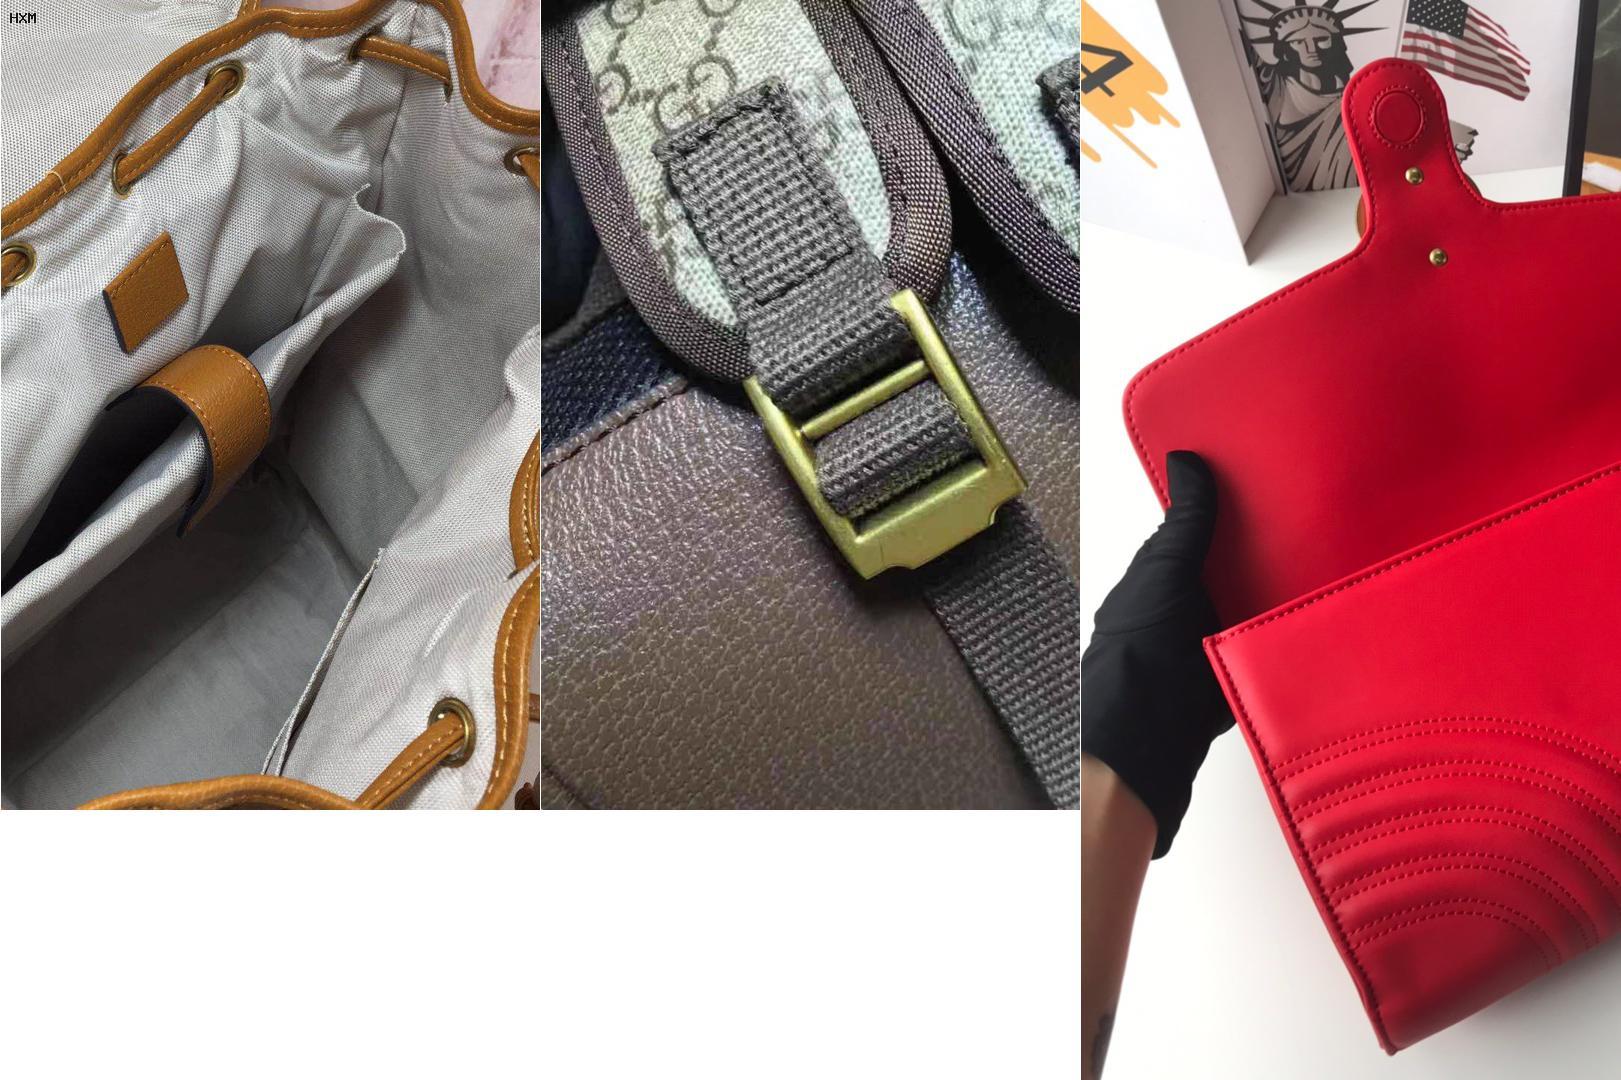 borsa gucci rossa tracolla